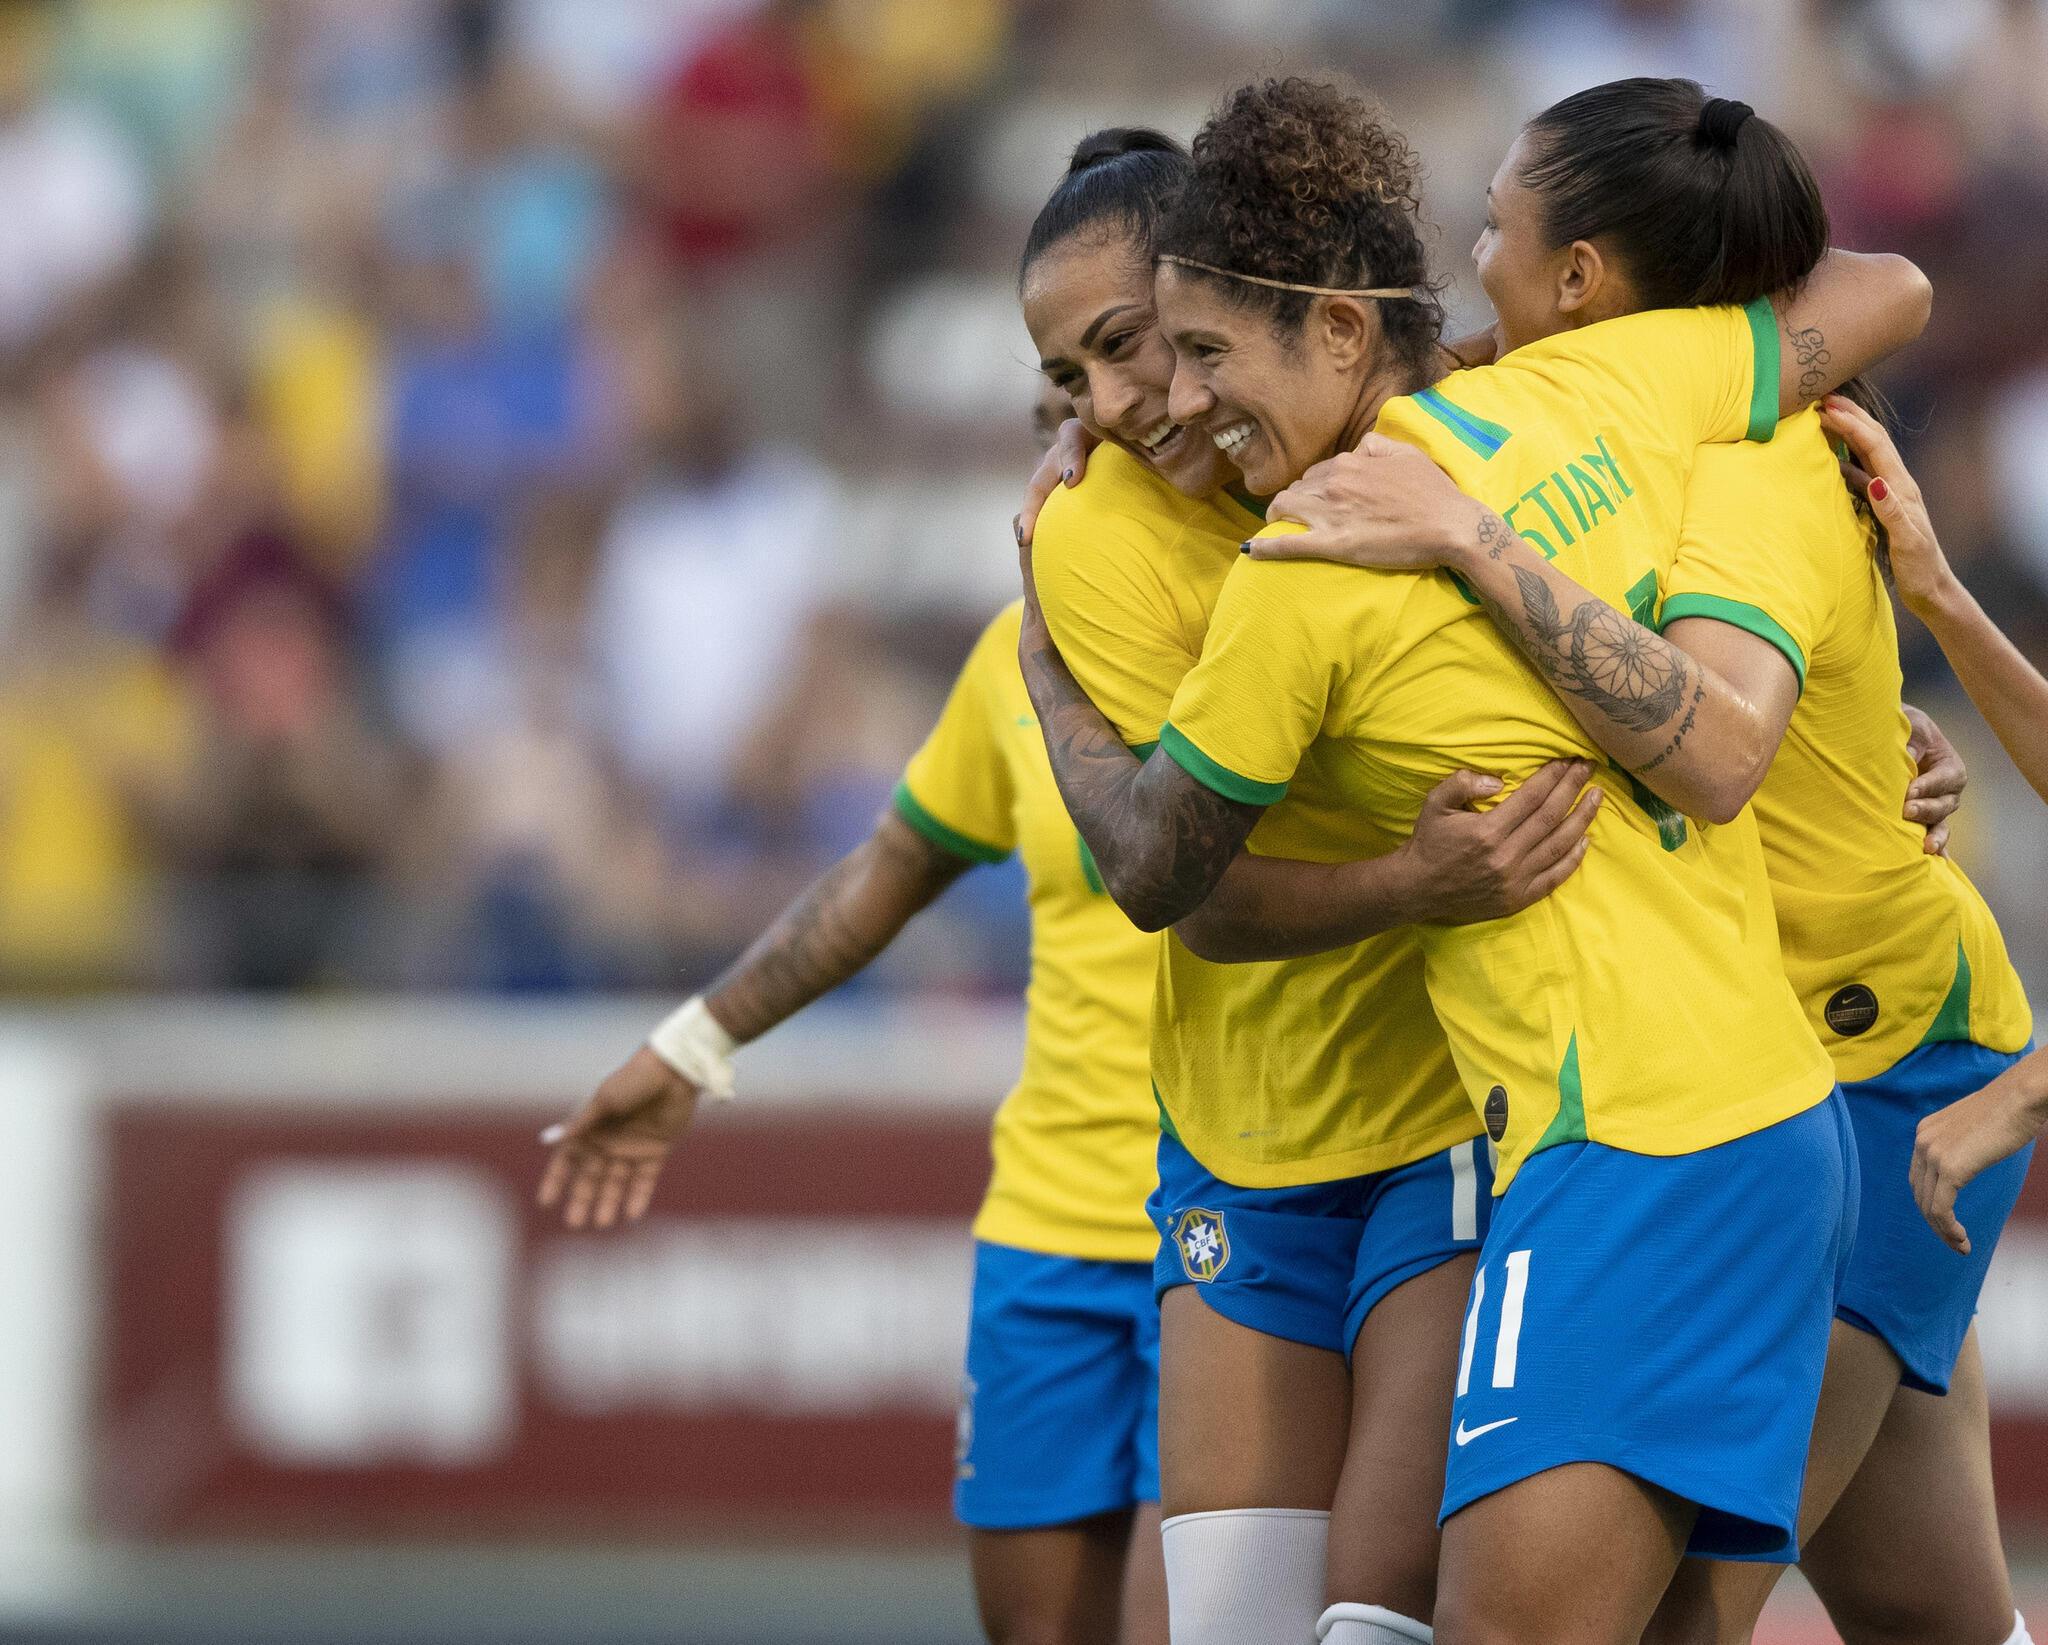 A seleção brasileira feminina de futebol ocupa atualmente o 9° lugar do ranking da Fifa.